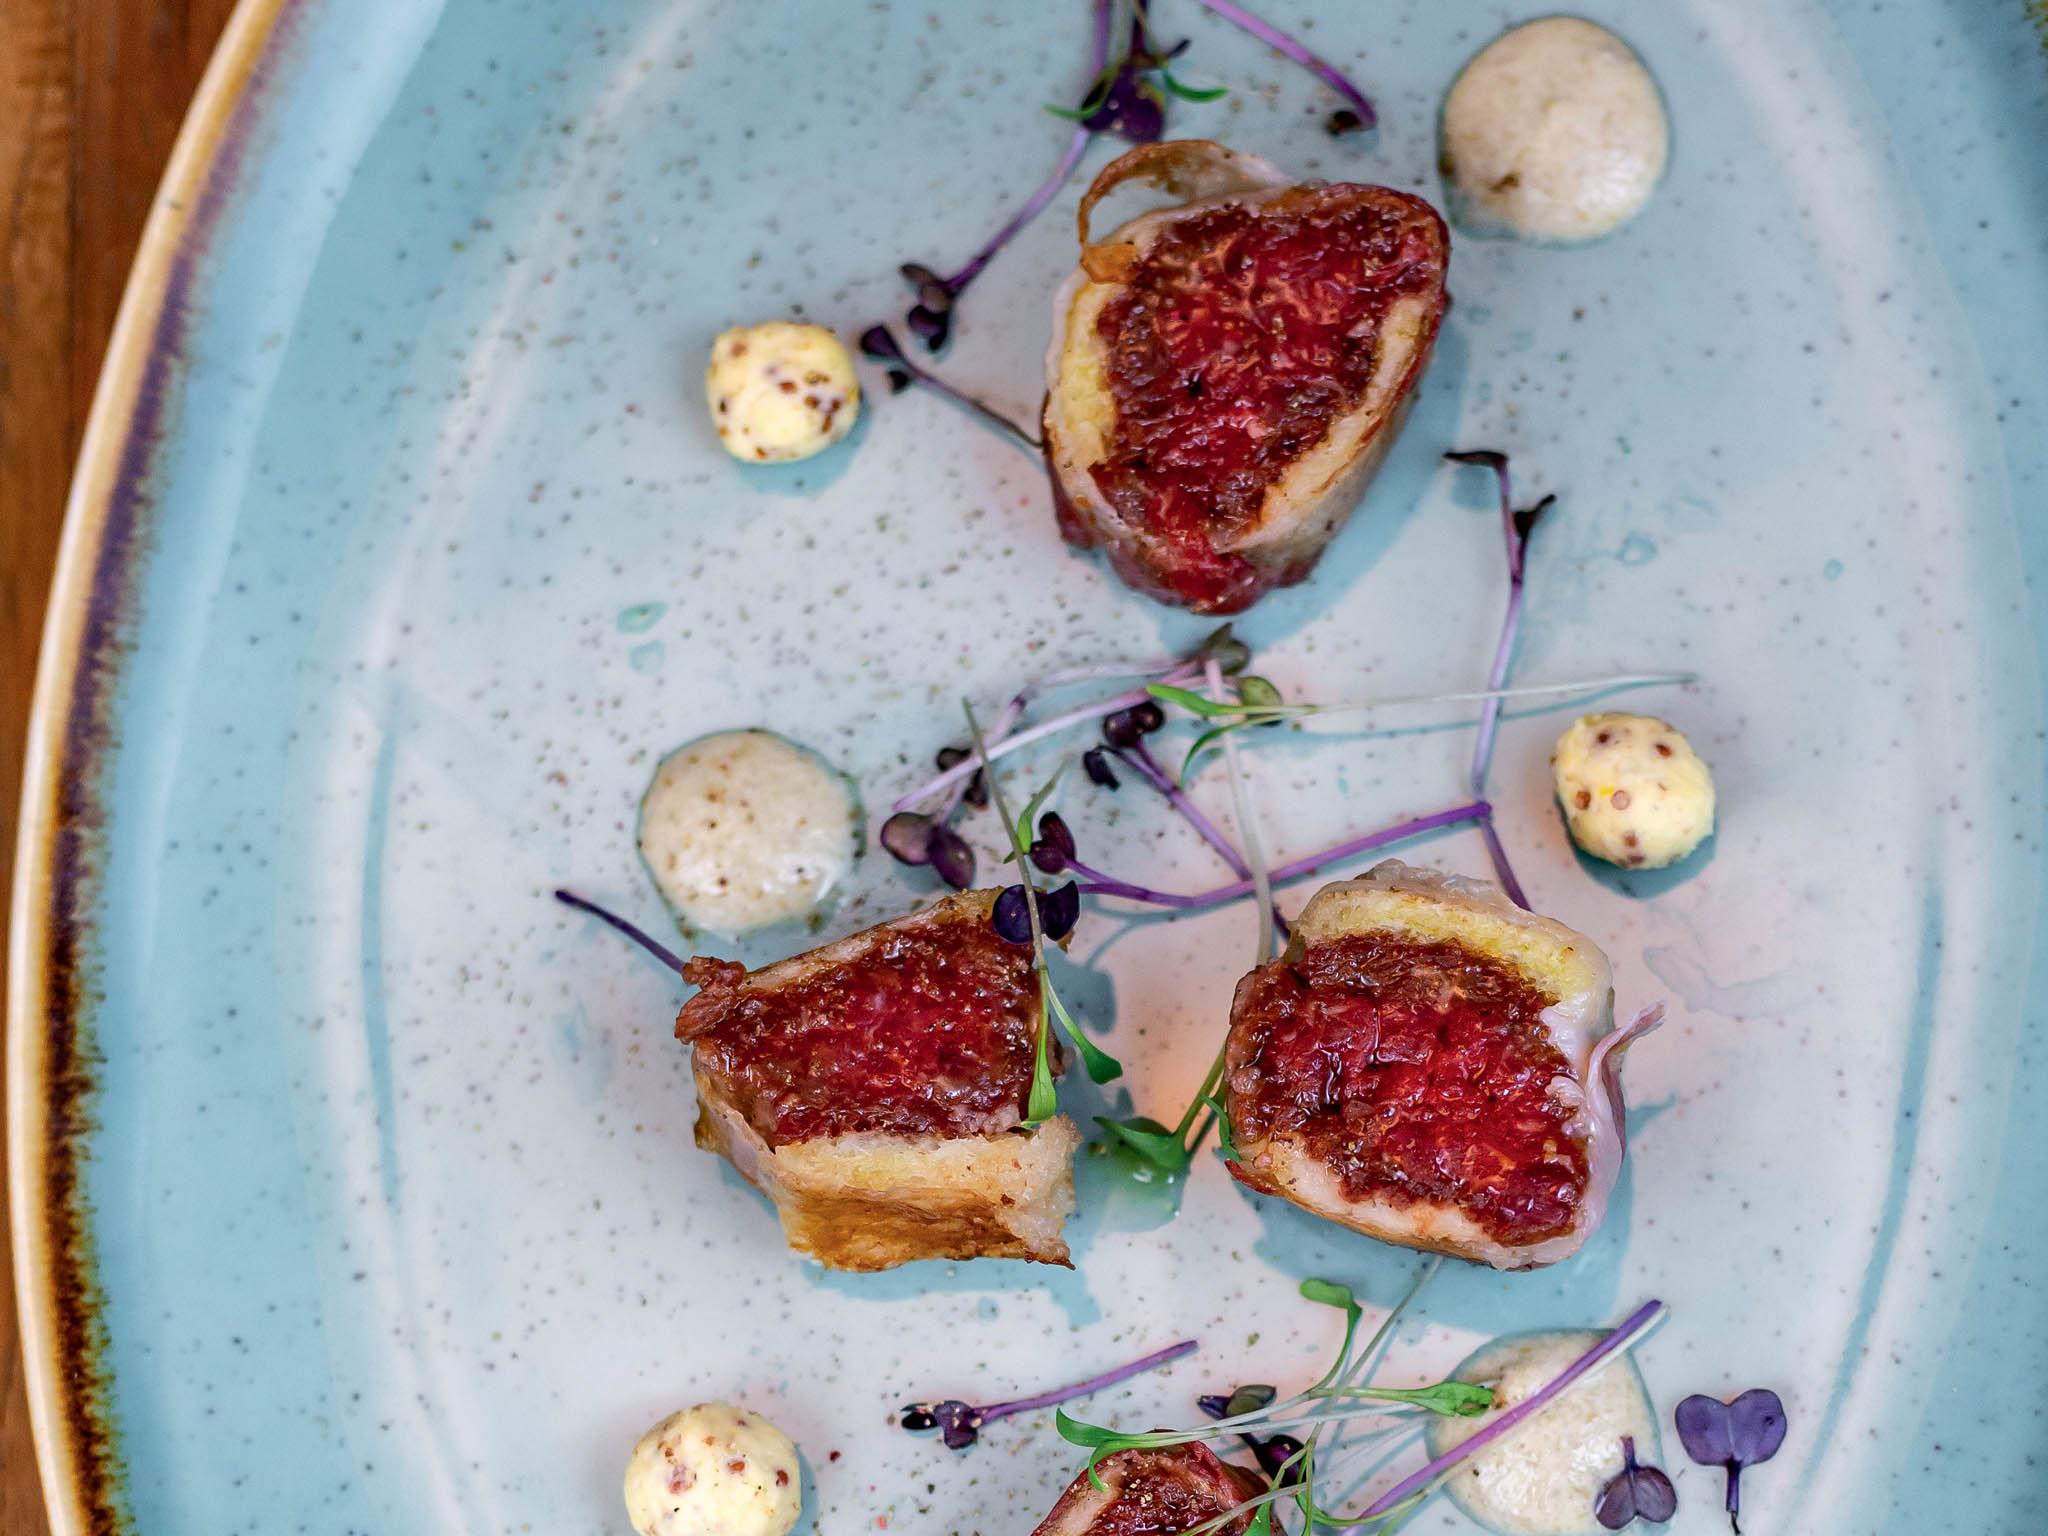 Gastronomický řetězec La Place zve naromantický výlet napoděbradskou kolonádu. Pro finediningovou restauraci Cucina jídlo & víno přichystal šéfkuchař Richard Voržák šestichodové menu.